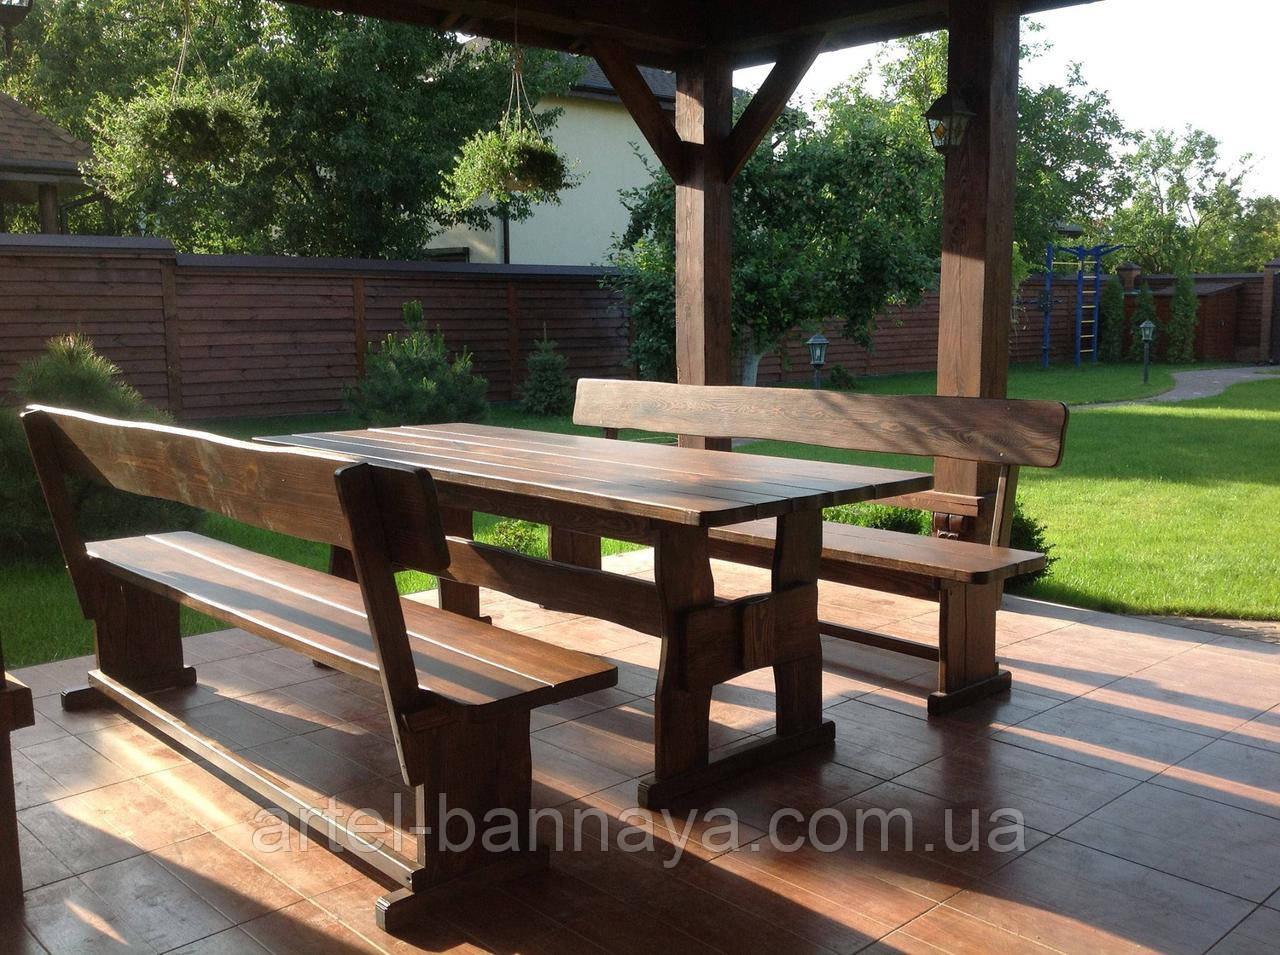 Деревянная мебель для ресторанов, баров, кафе в Каменец-Подольске от производителя